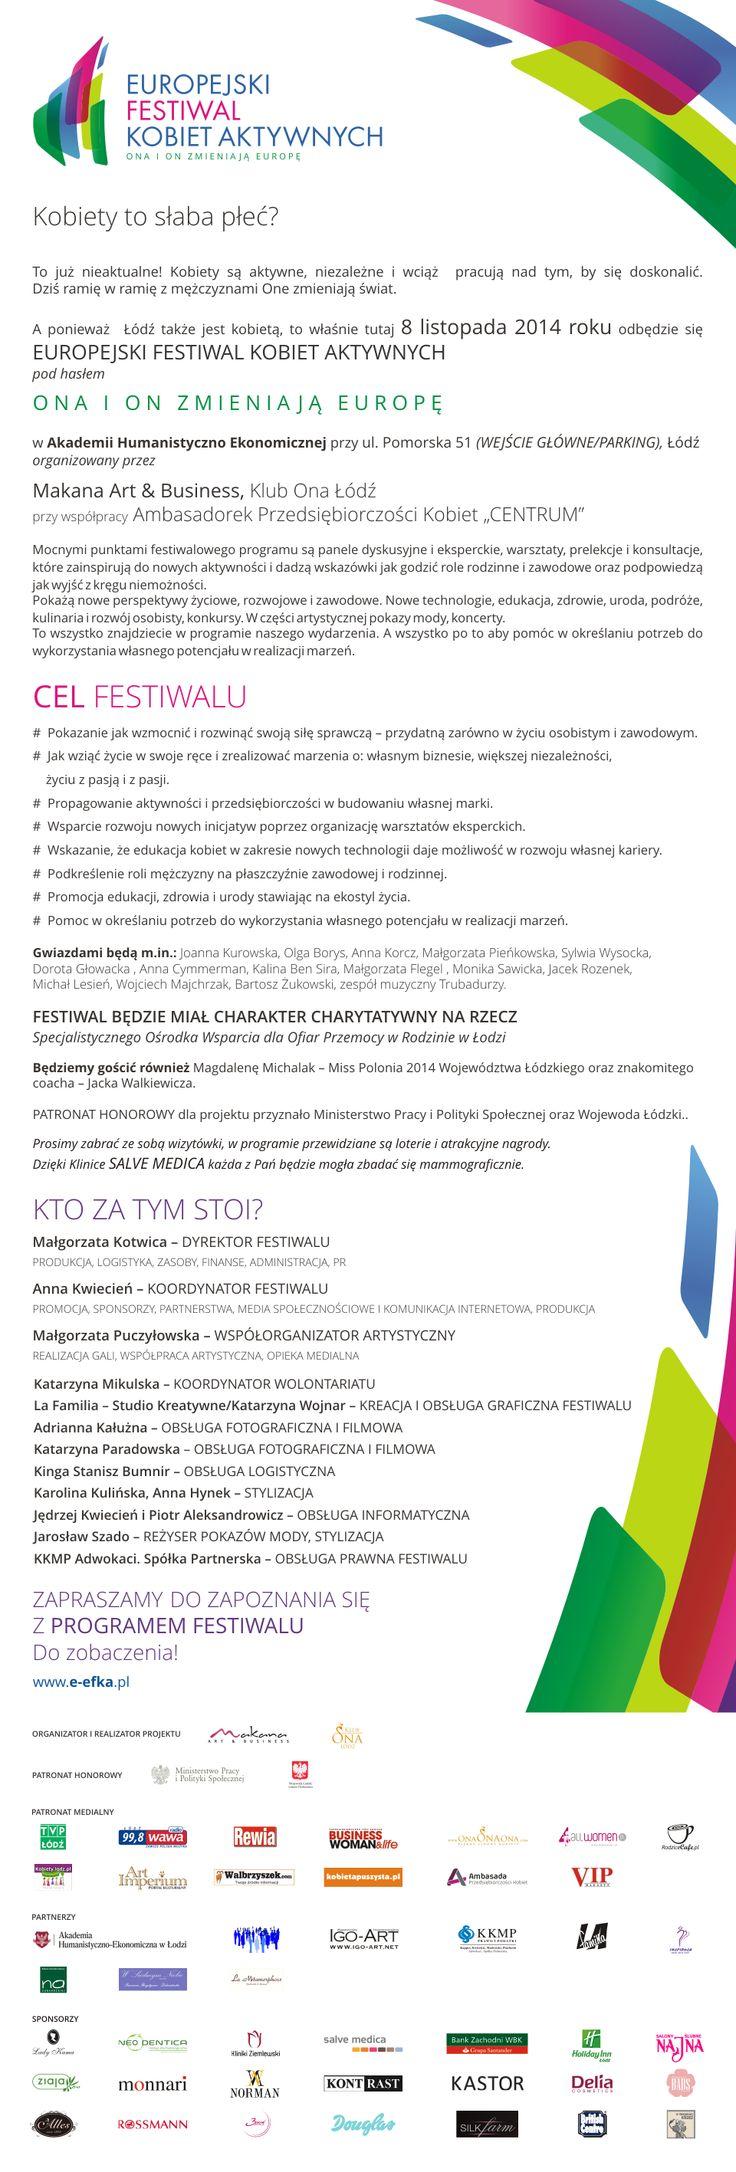 Europejski Festiwal Kobiet Aktywnych w Łodzi